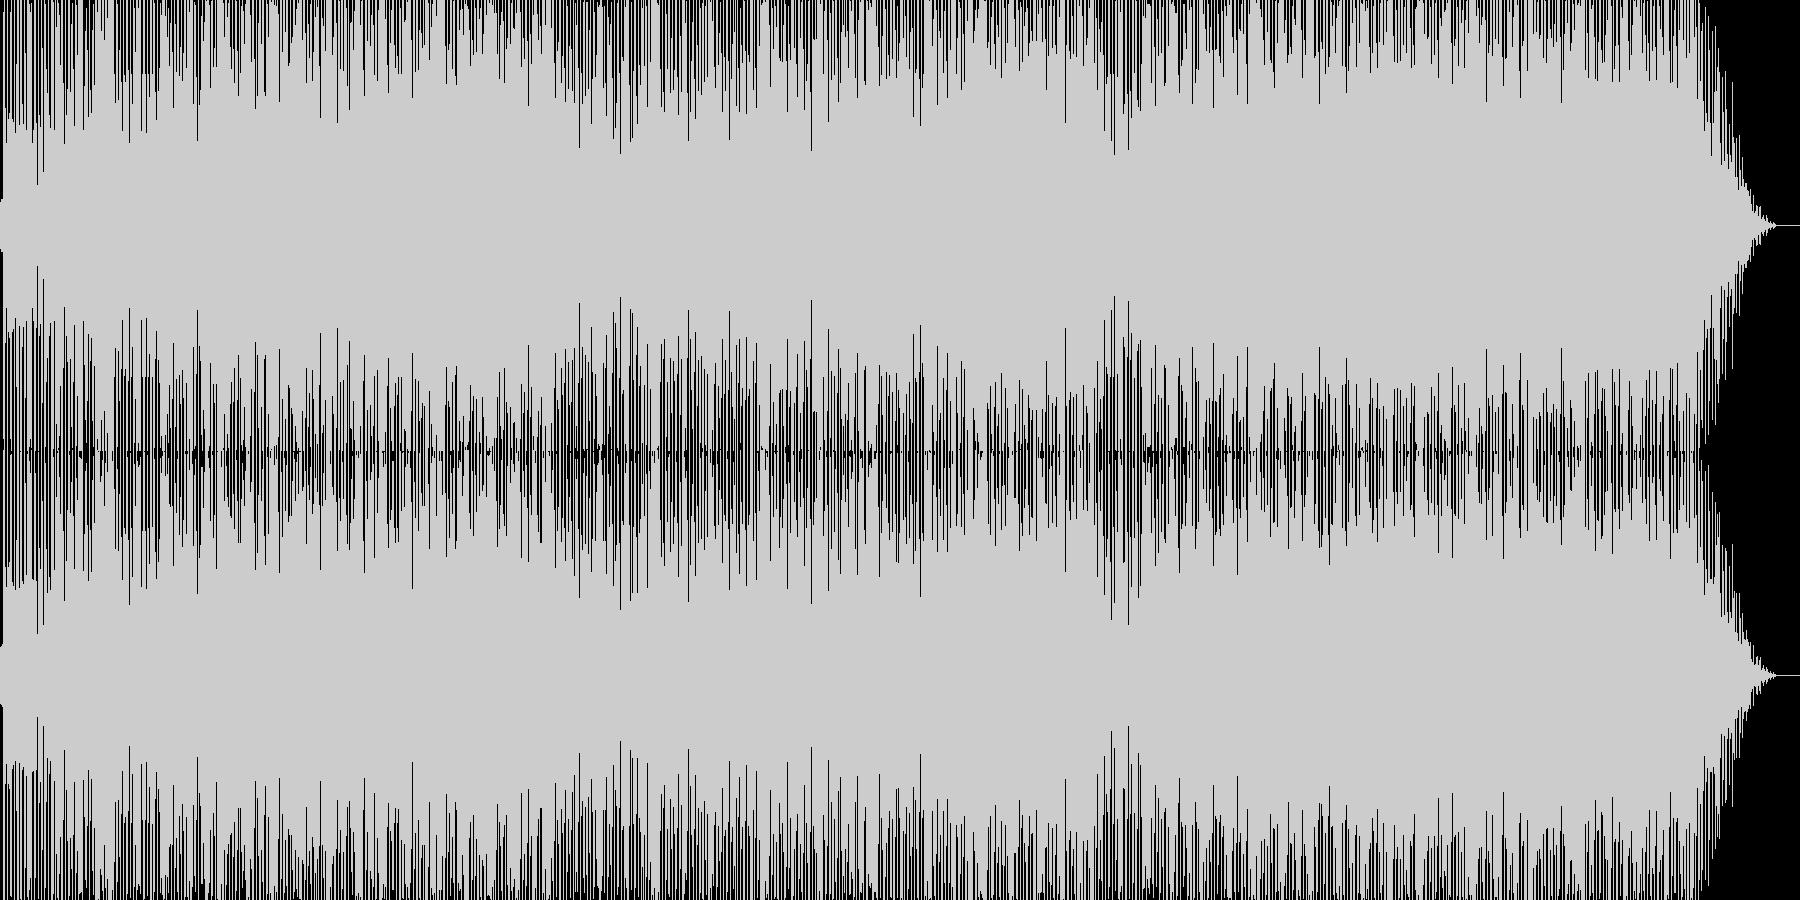 ファンキーな雰囲気のポップス2の未再生の波形